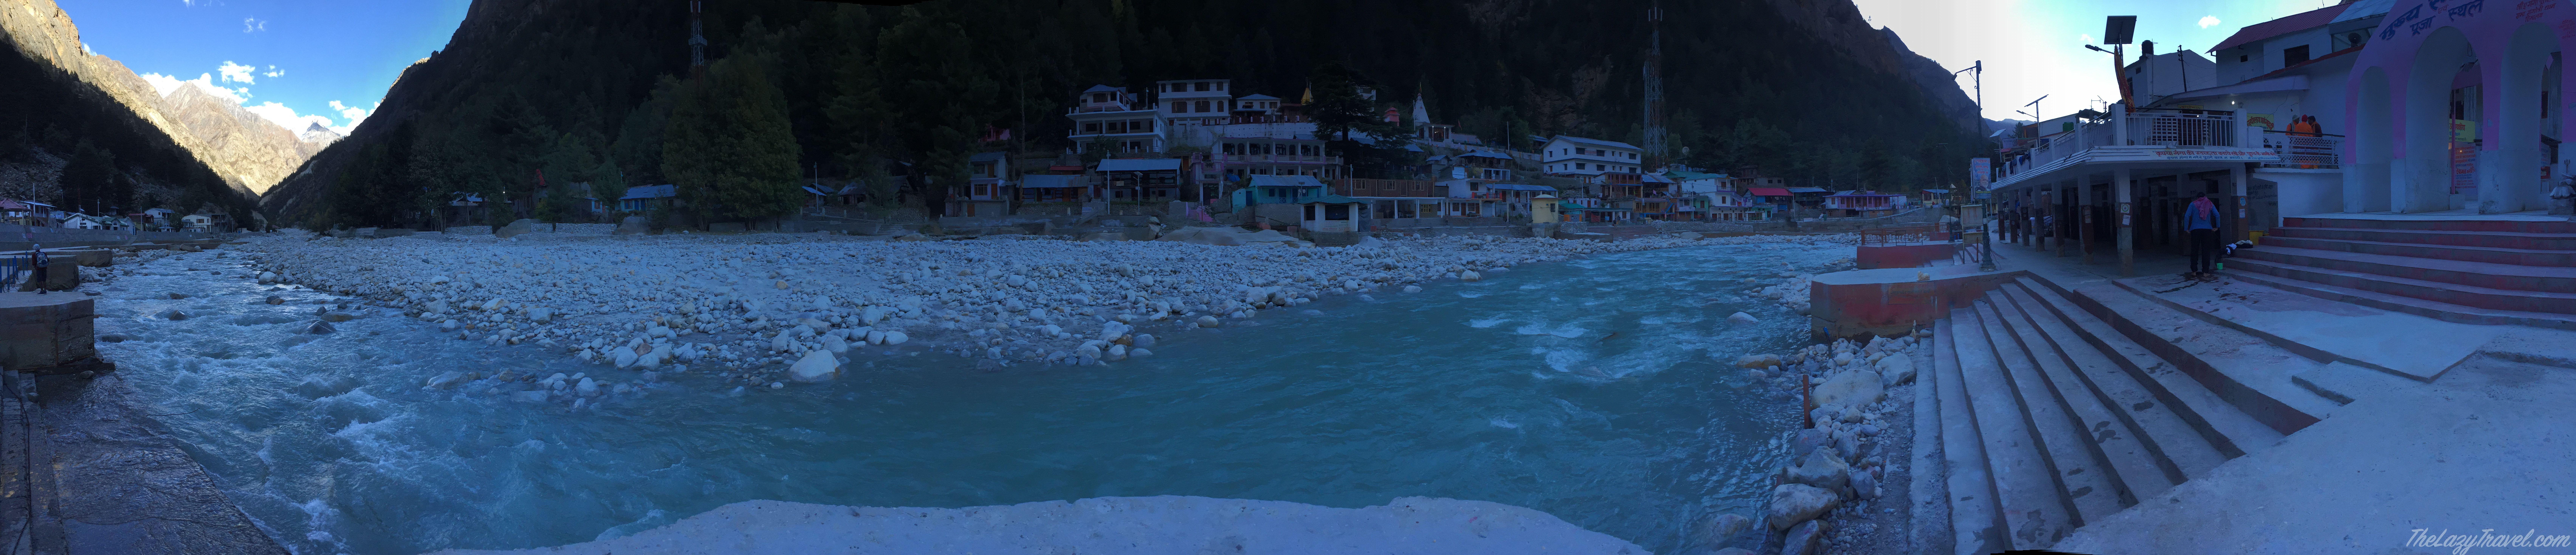 Gangotri_Uttarakhand2